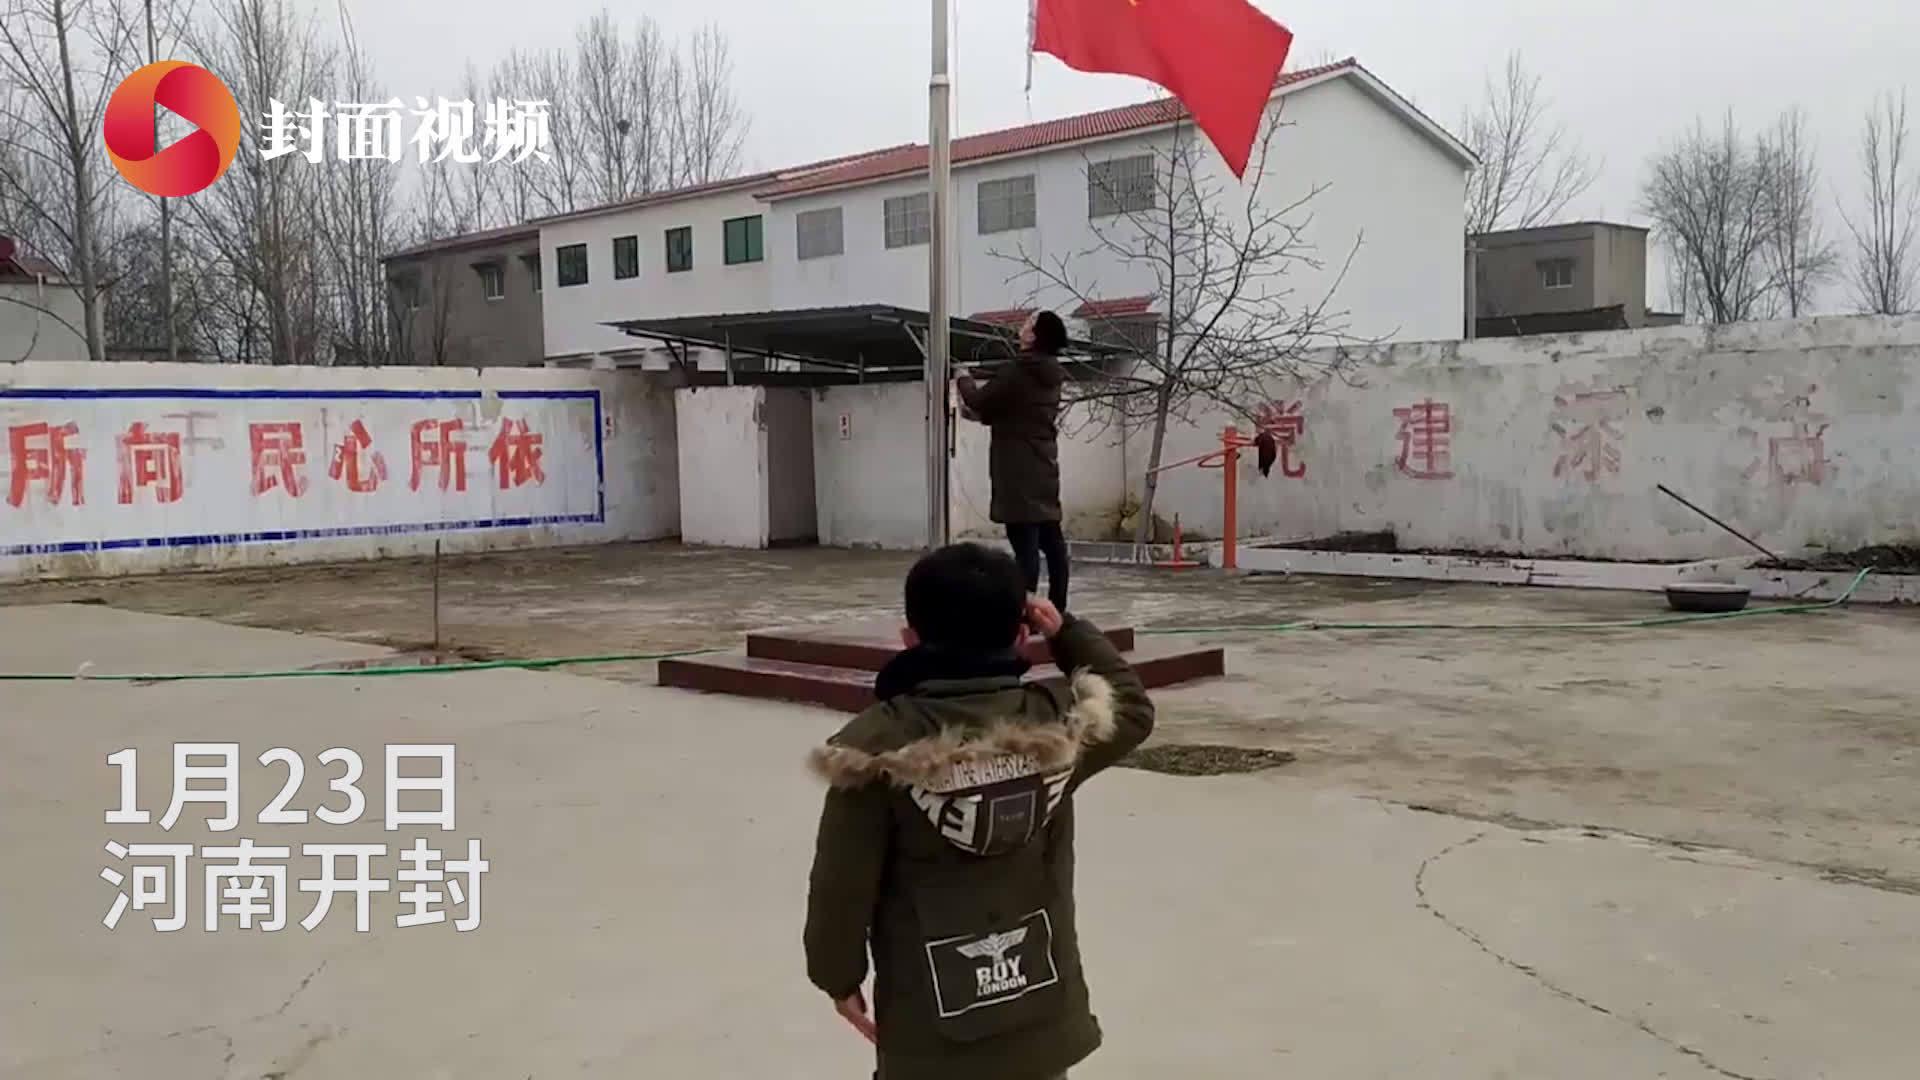 5岁小男孩见到村委会升国旗自觉敬礼唱国歌:梦想长大当军人